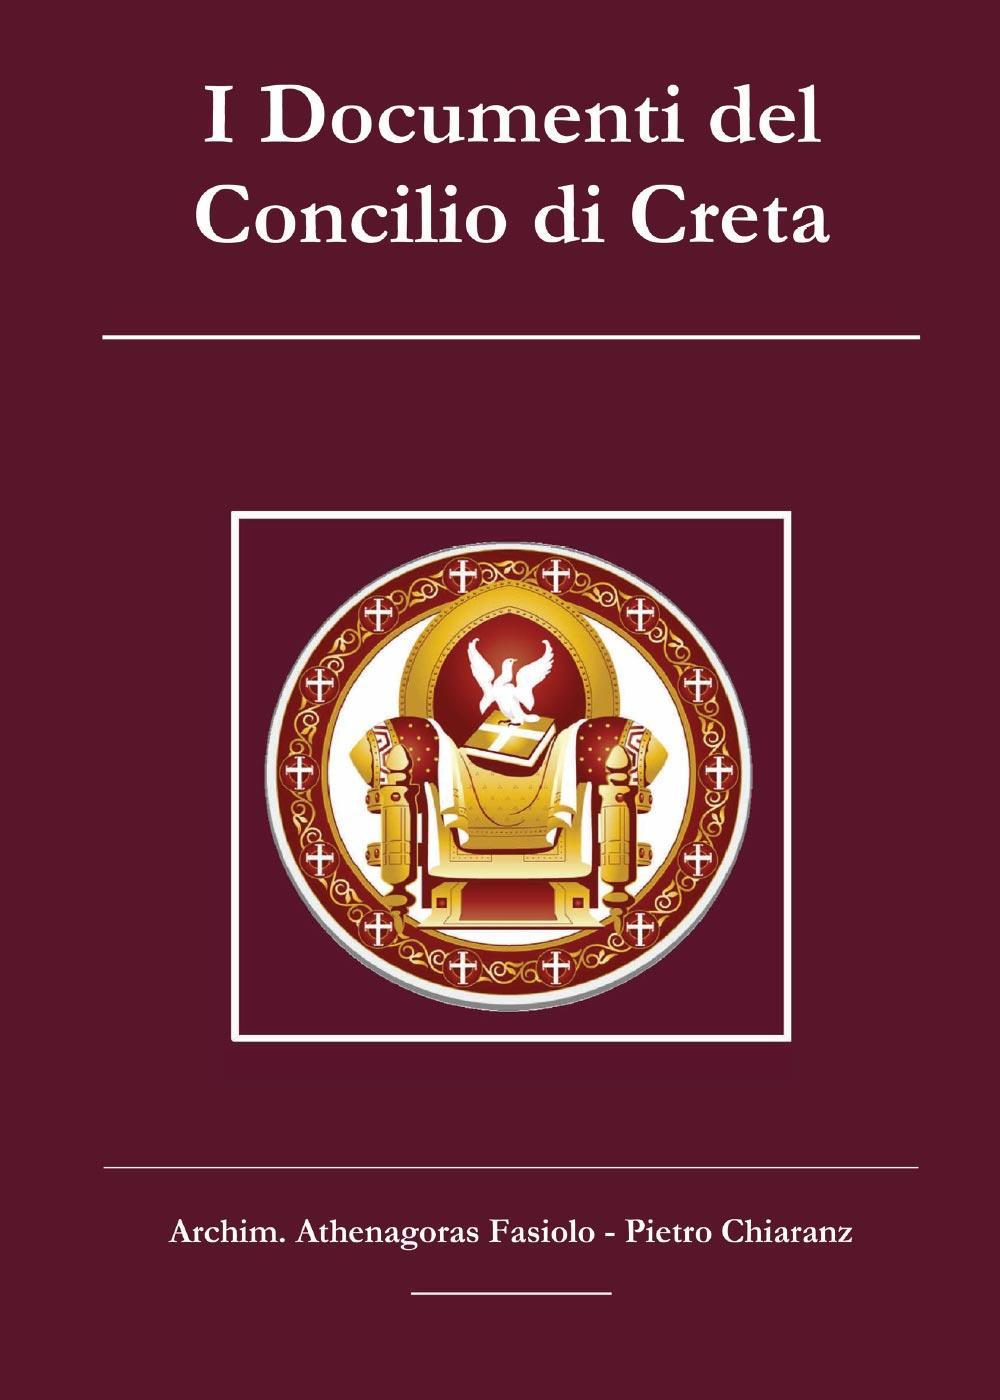 I Documenti del Concilio di Creta